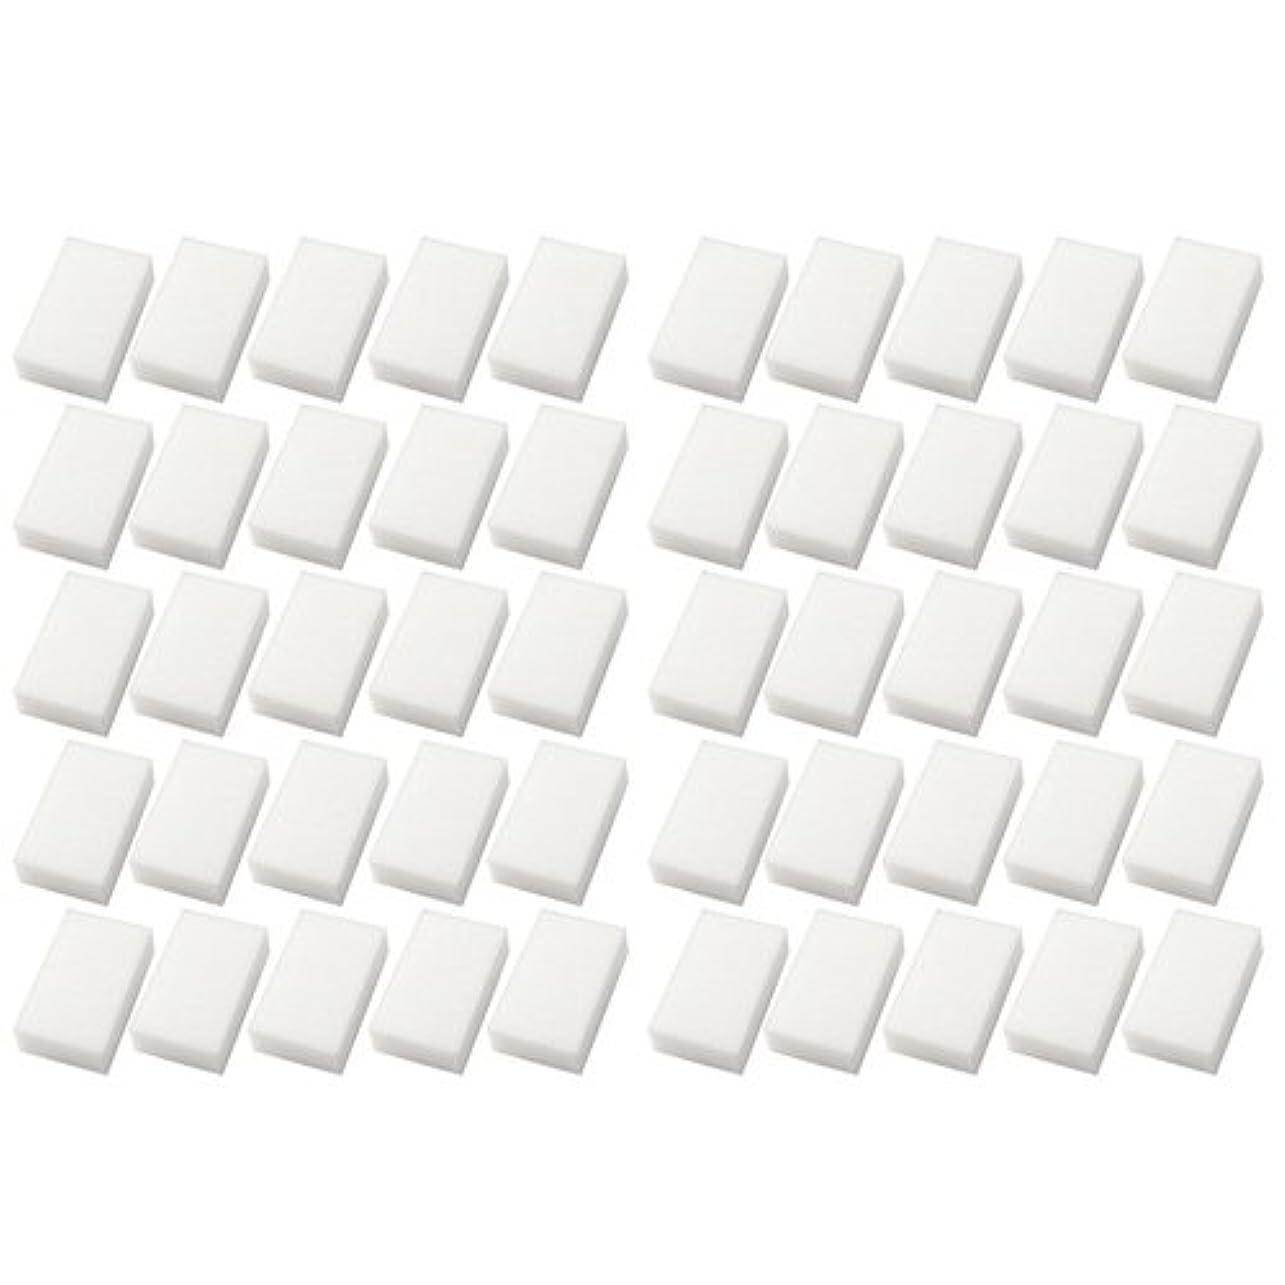 ラフト無視永久ホテルアメニティ 業務用 使い捨てスポンジ 圧縮ボディスポンジ 個包装タイプ 厚み 約25mm ×50個